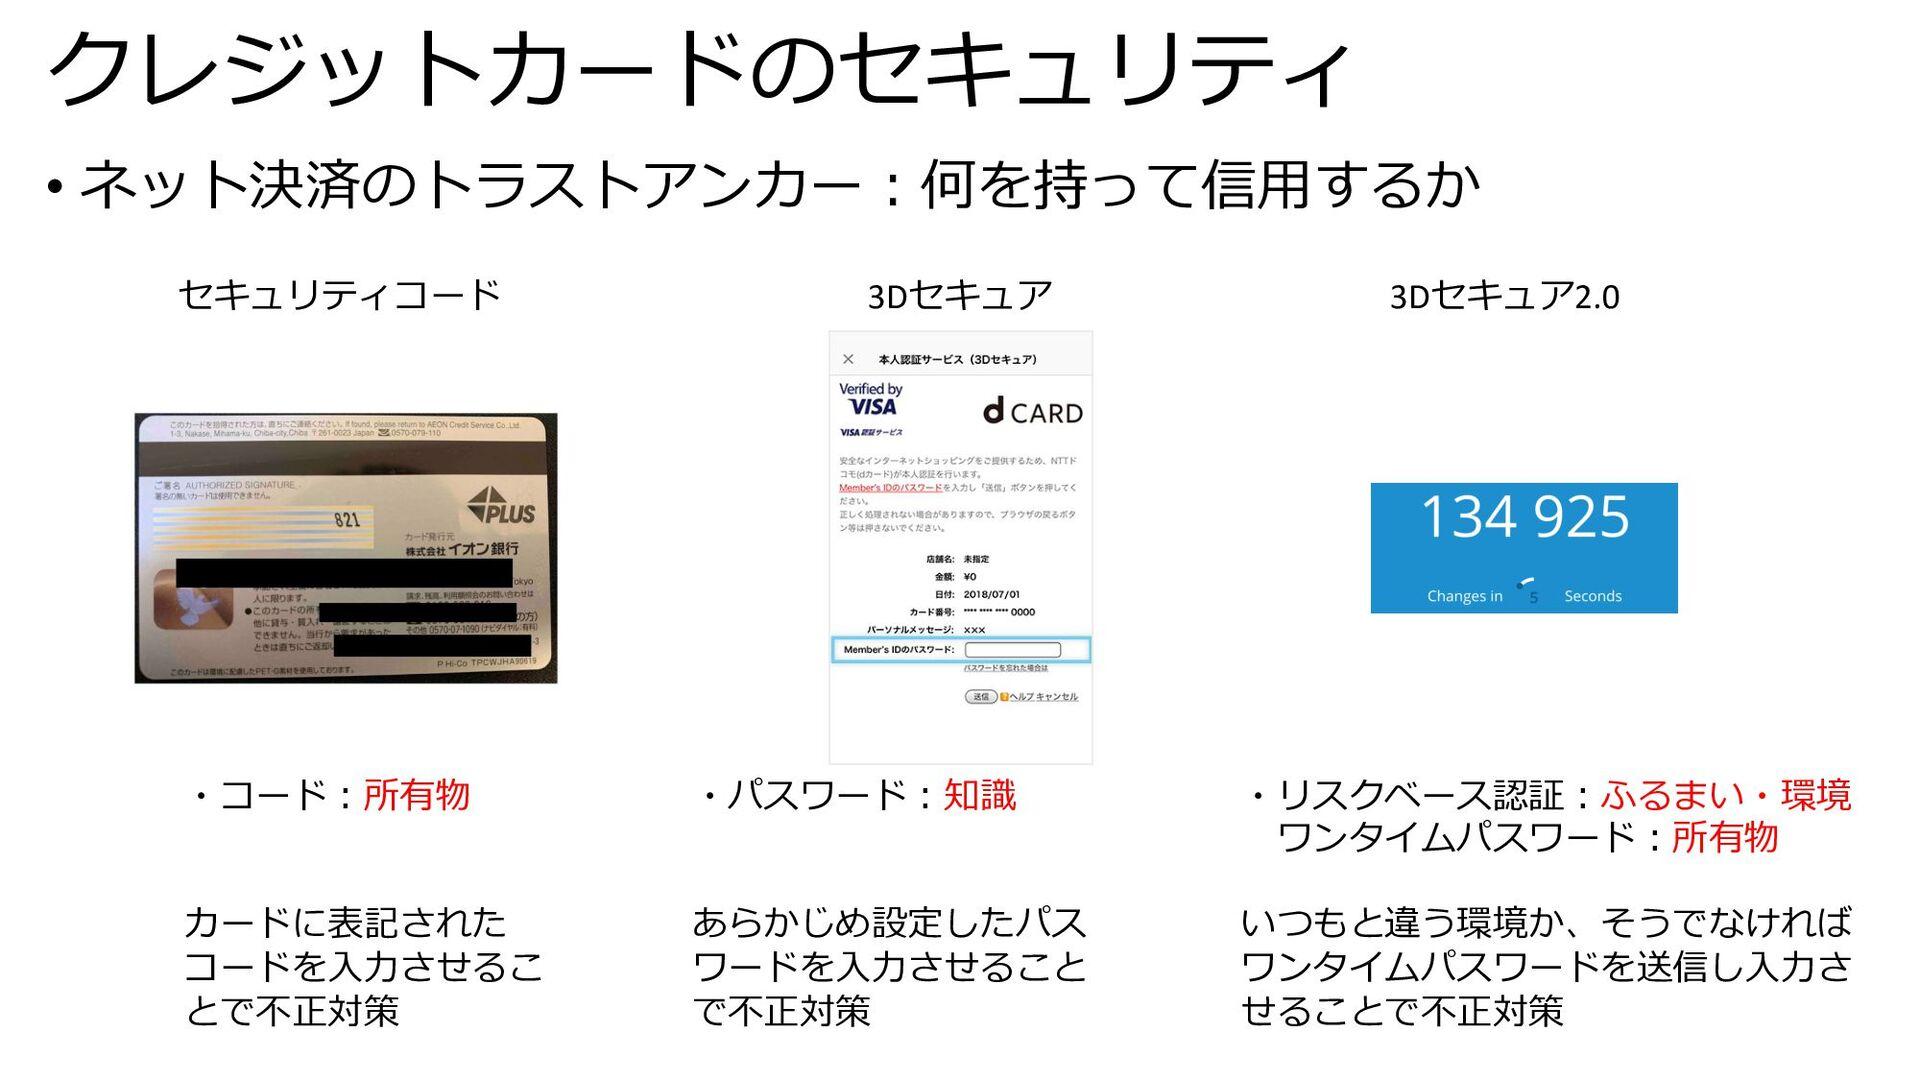 クレジットカードのセキュリティ • ネット決済のトラストアンカー︓何を持って信⽤するか セキュ...